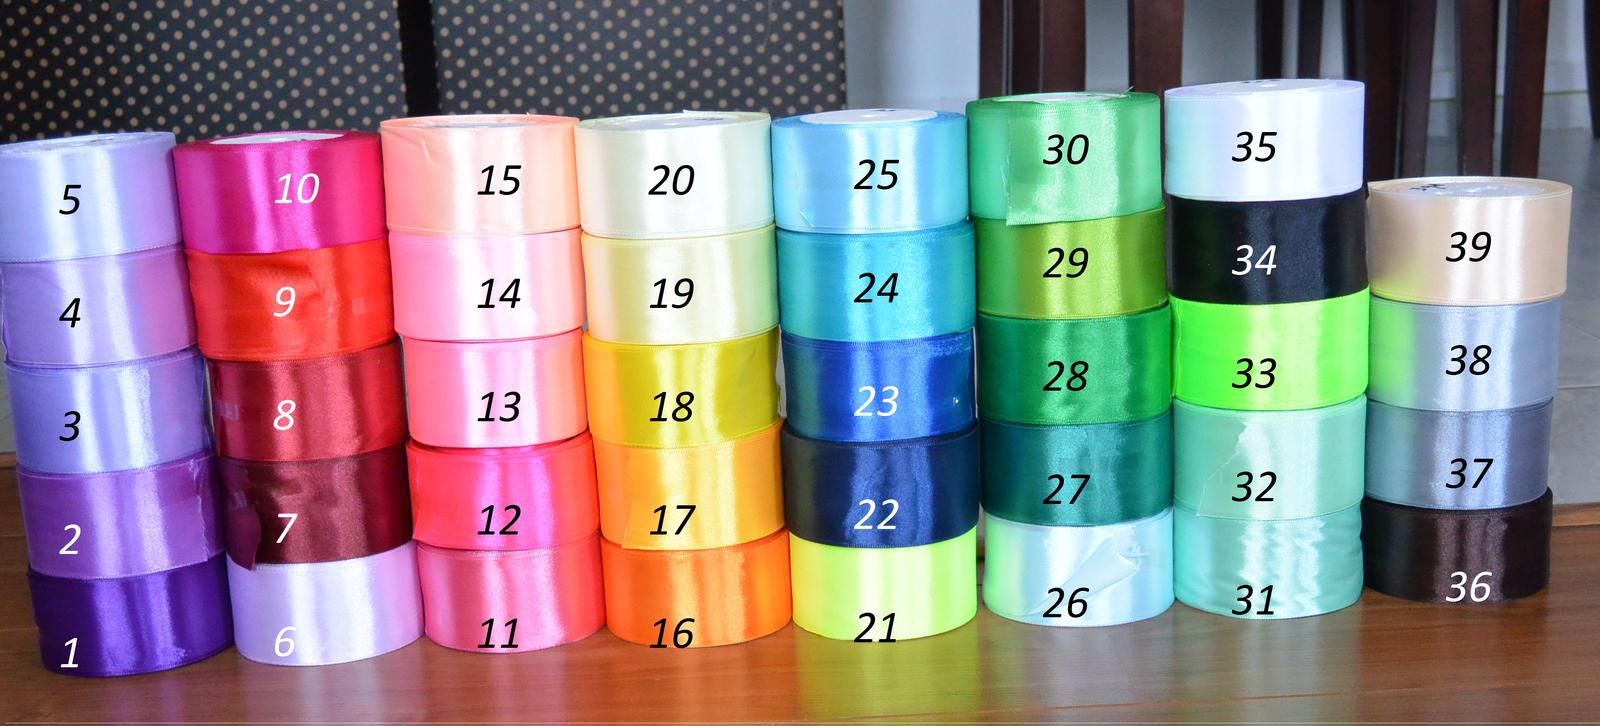 Vývazky- barva na přání - Obrázek č. 4